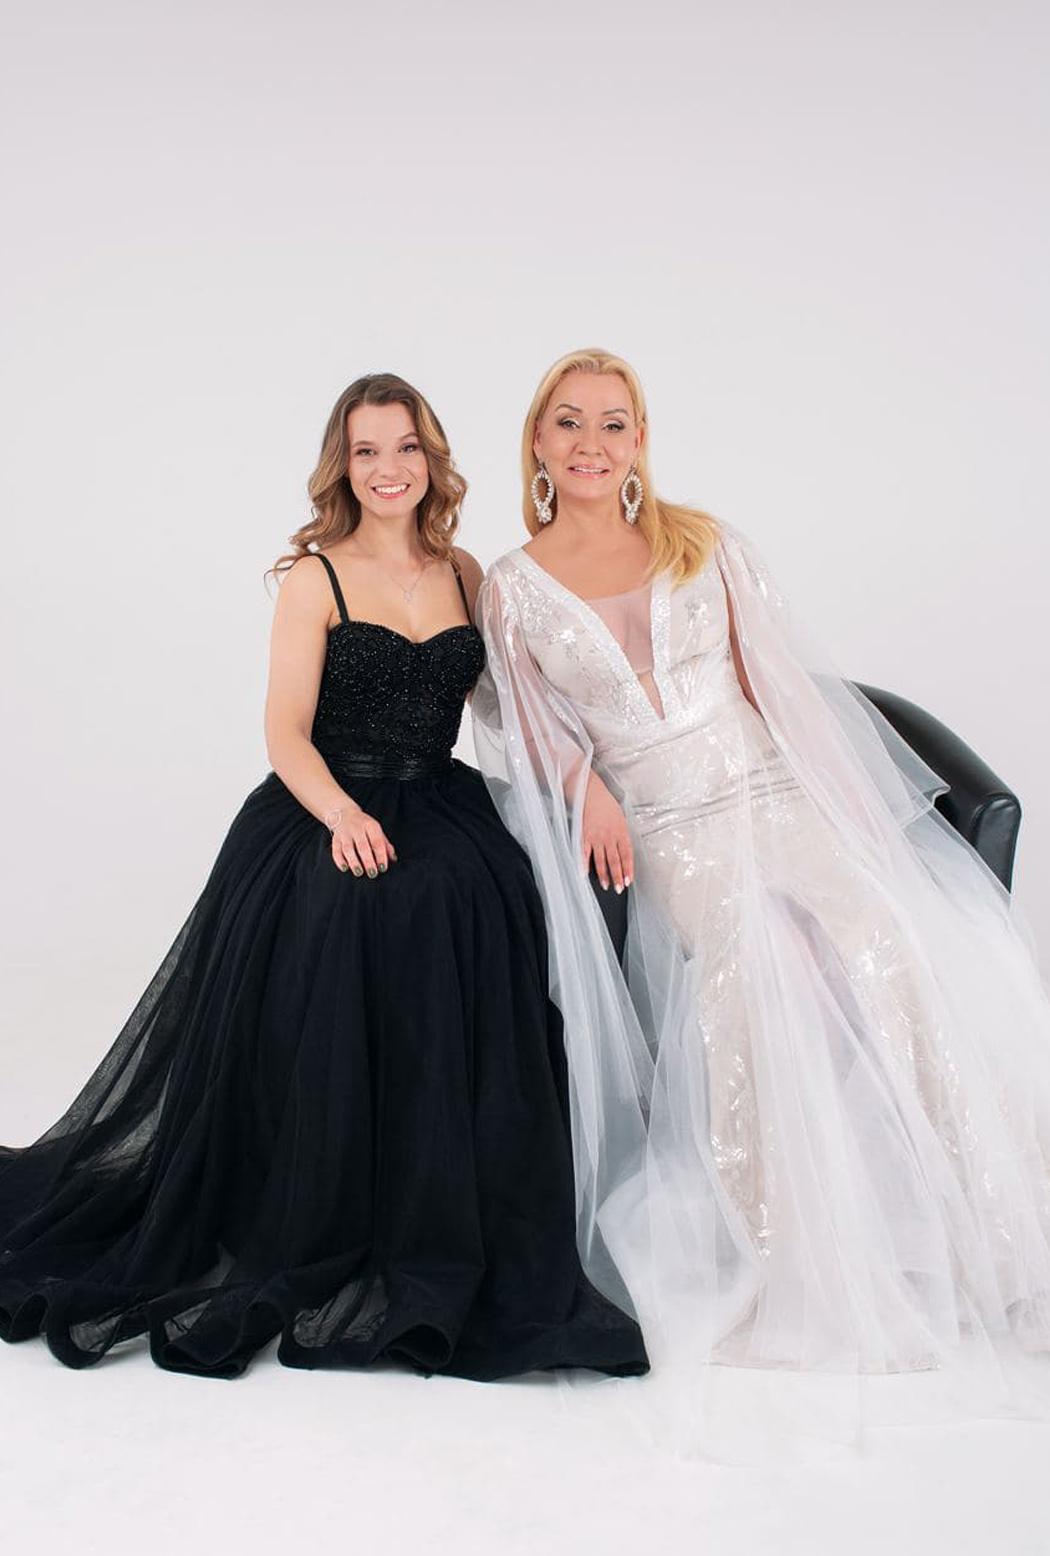 В каких международных конкурсах побеждали белорусские красавицы?